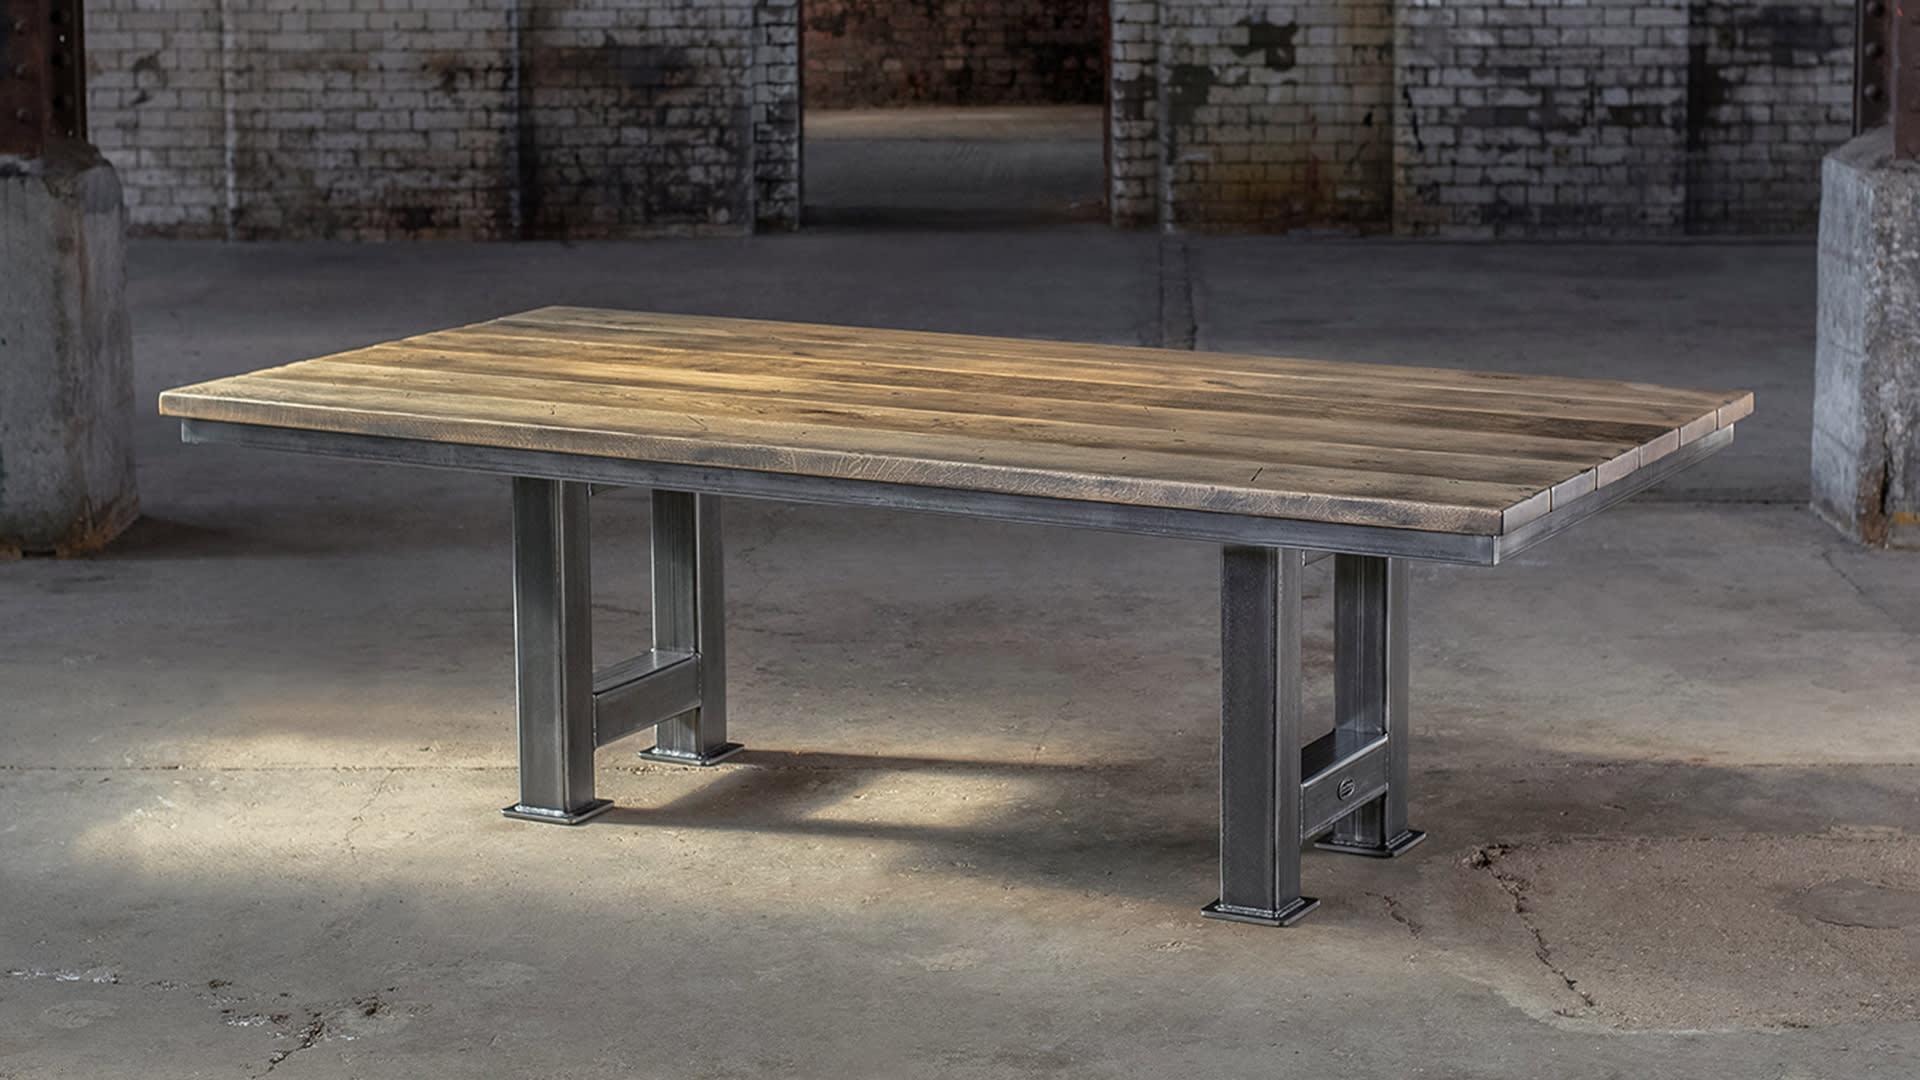 SV GRAND ARTISAN TABLE